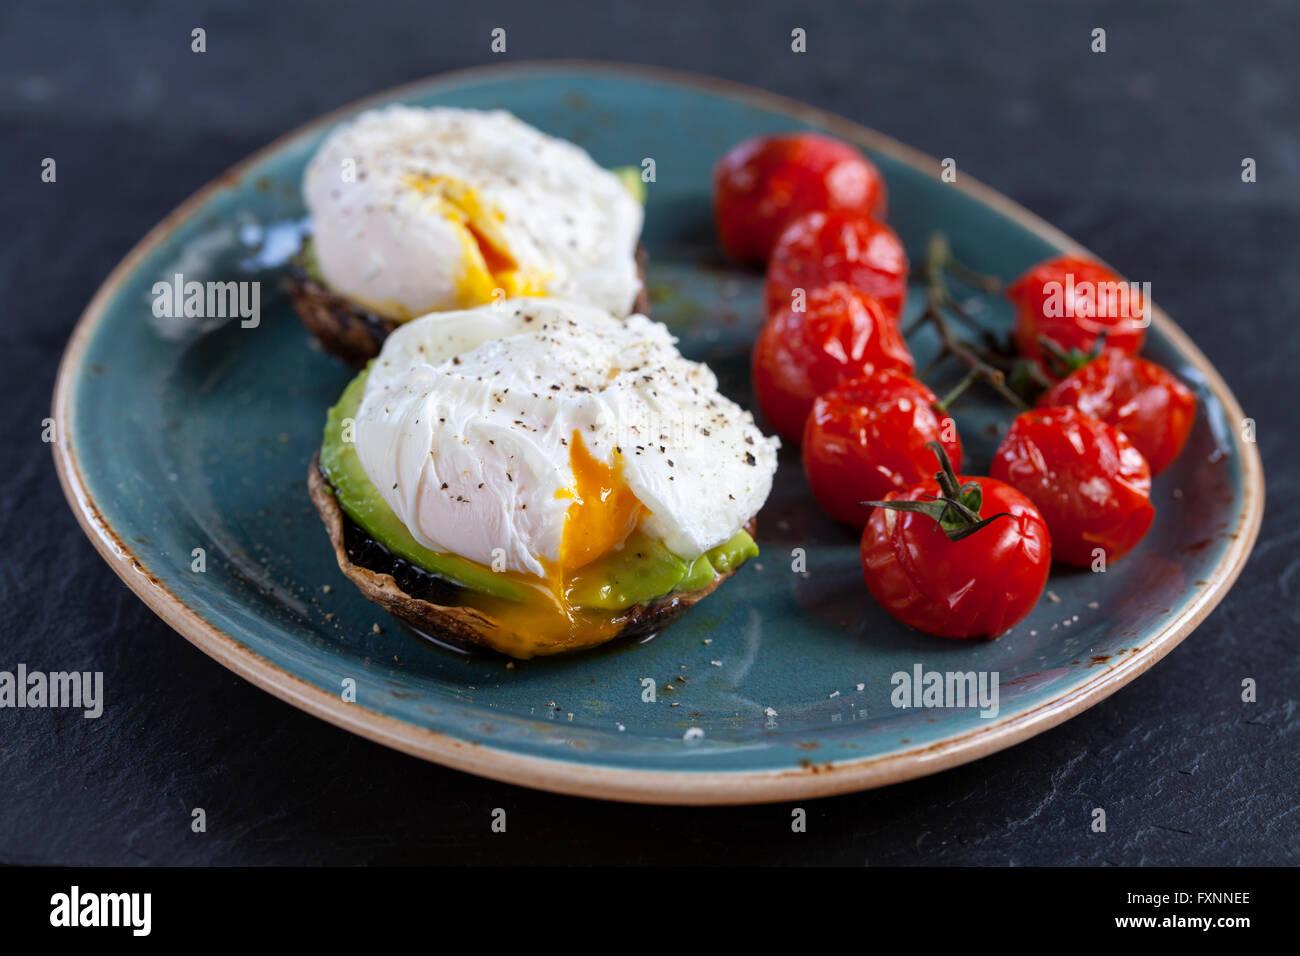 La colazione, i funghi con avocado e uova in camicia e arrostire i pomodori ciliegia sulla vite Immagini Stock